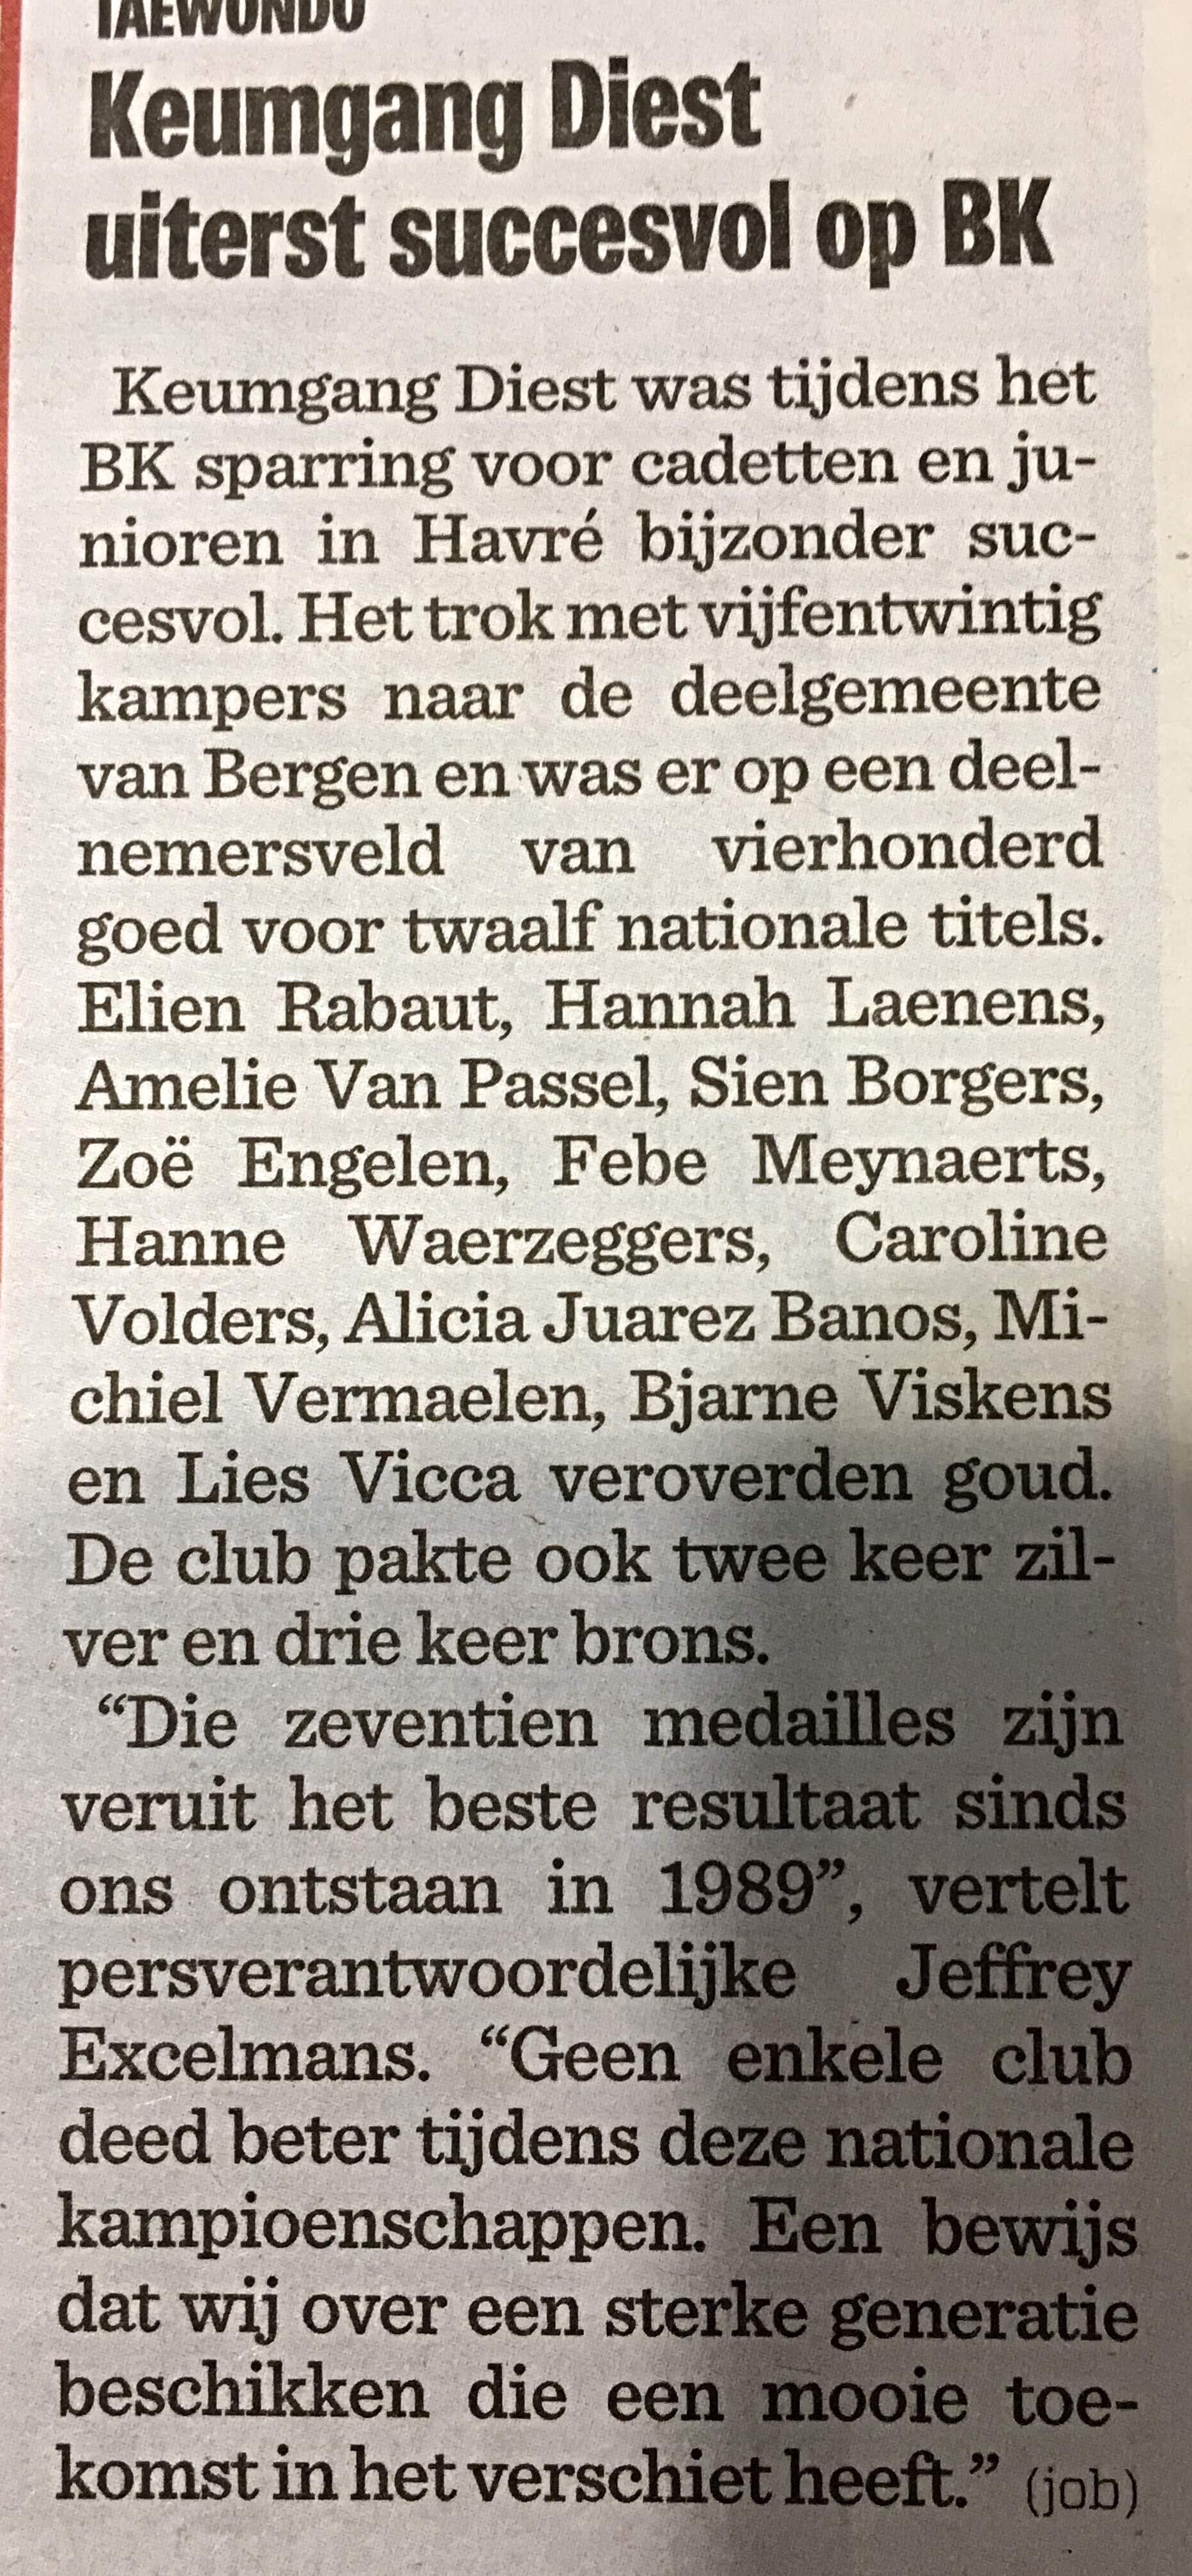 Het-Nieuwsblad-sport-brabant-21-feb-2019.jpg